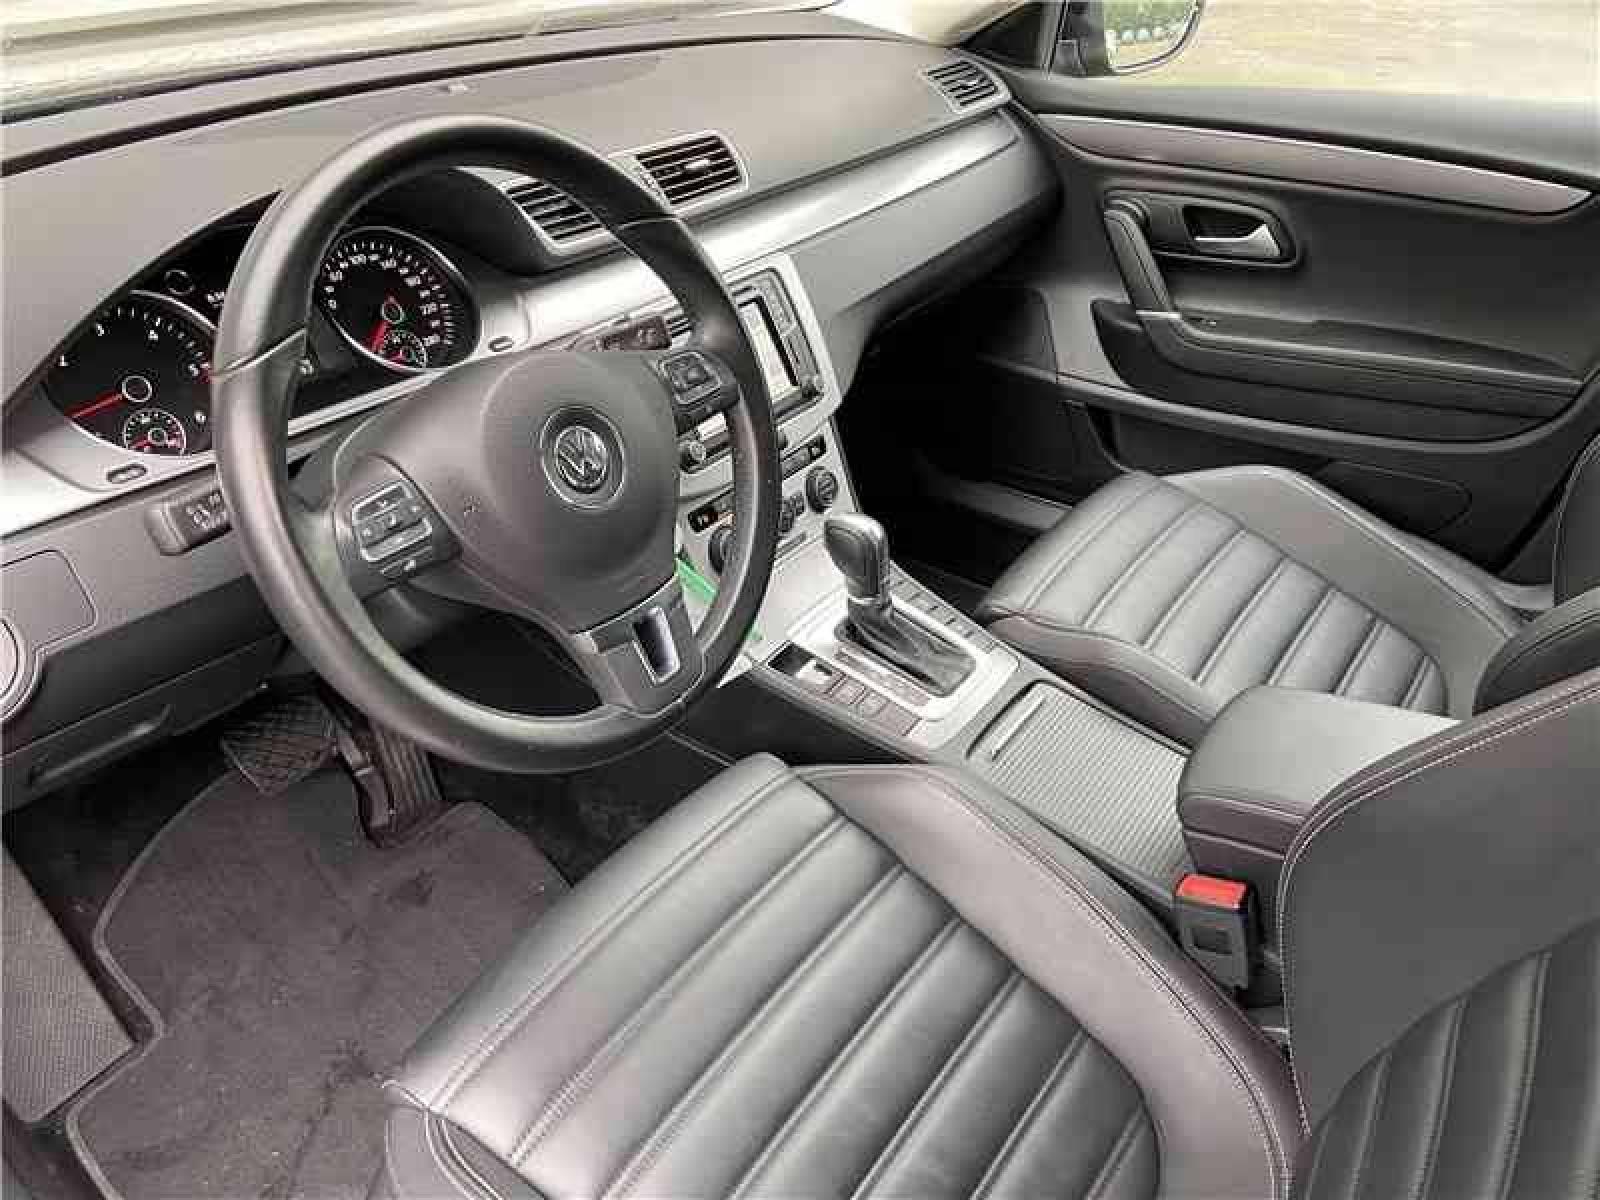 VOLKSWAGEN CC 2.0 TDI 150 FAP BlueMotion Technology - véhicule d'occasion - LEMAUVIEL AUTOMOBILES - Présentation site web V2 - Lemauviel automobiles - AVRANCHES - 50300 - LE VAL-SAINT-PÈRE - 7